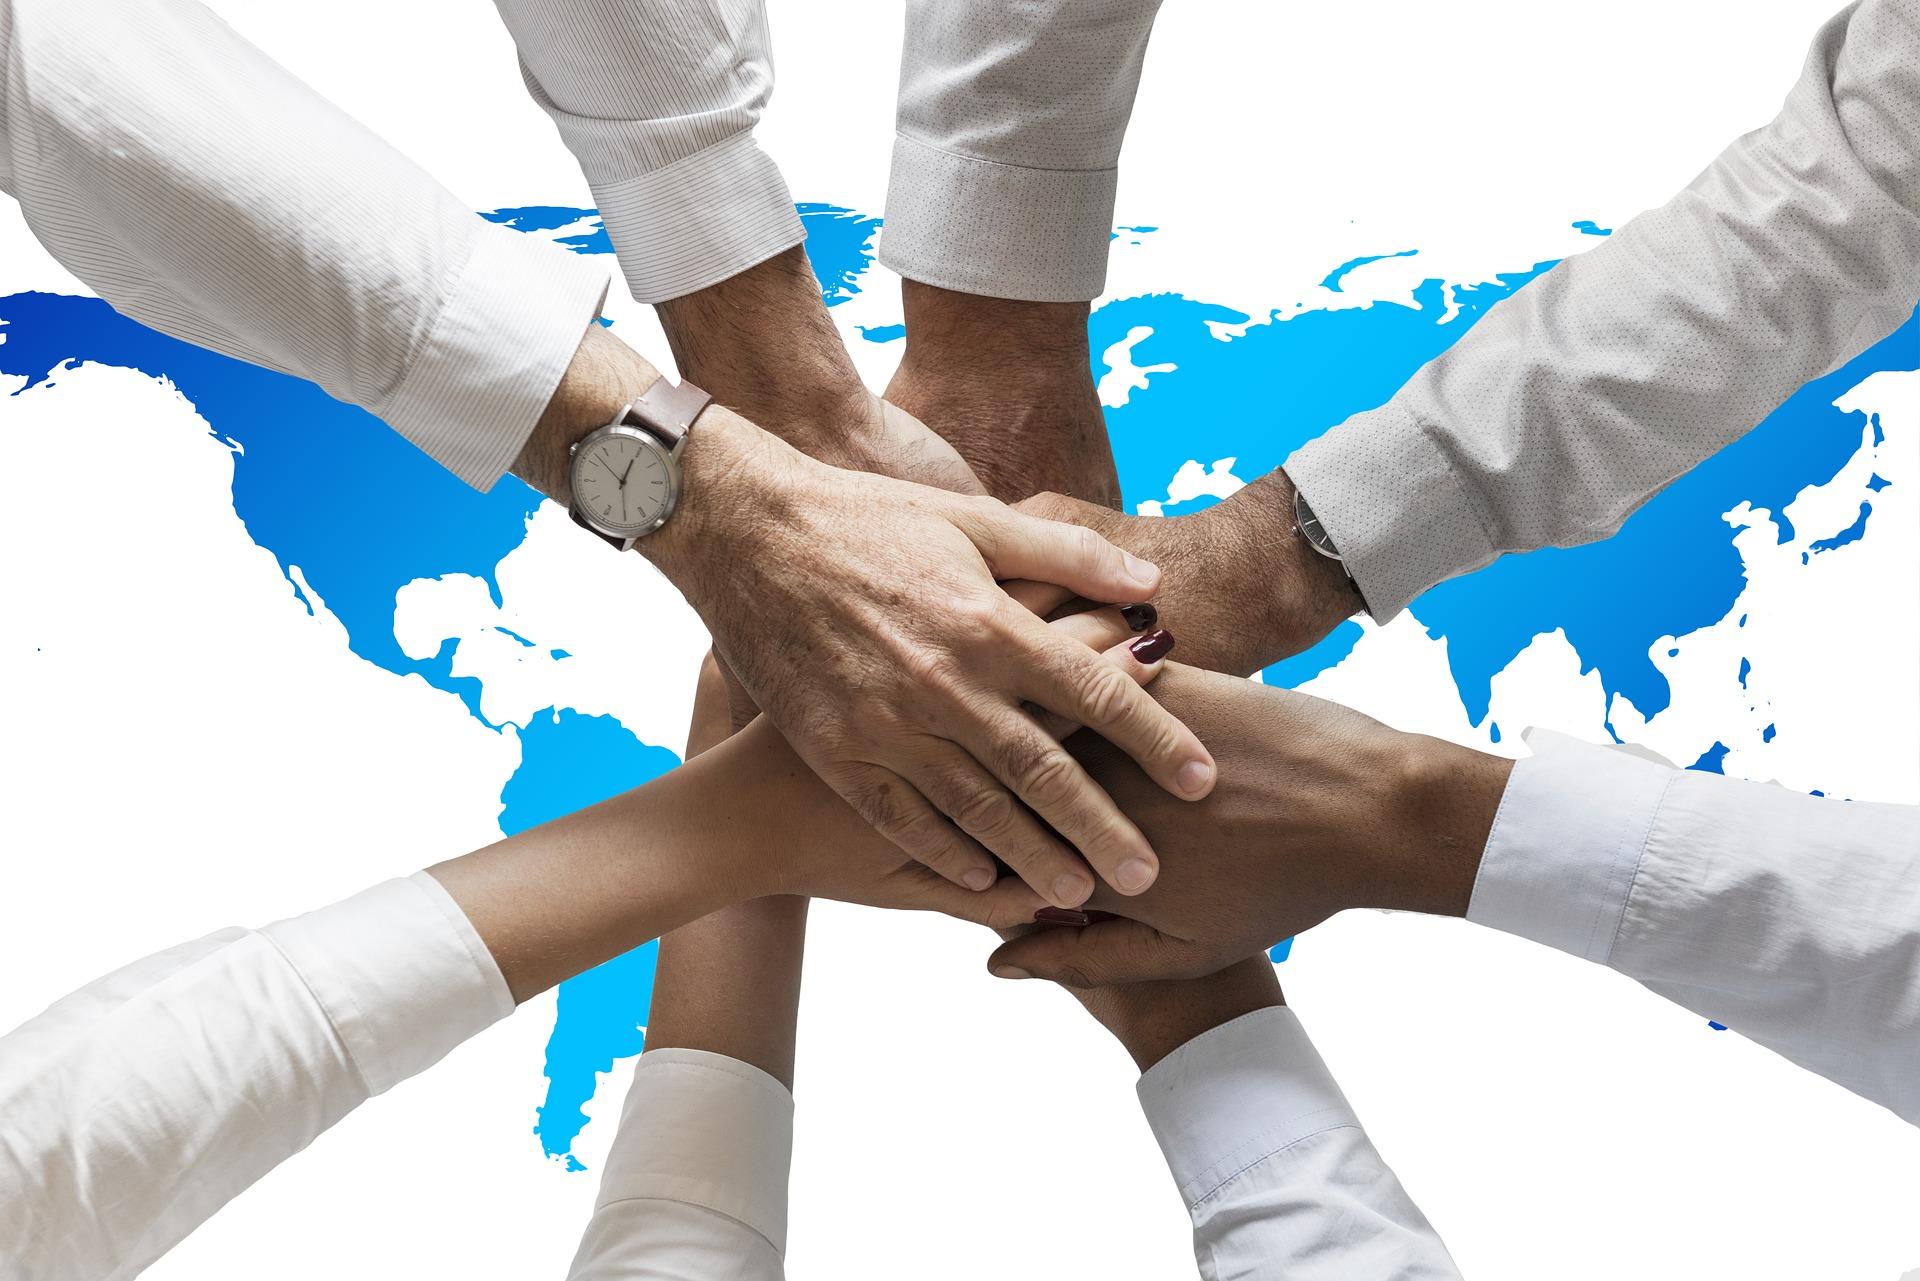 Globalisierung / Pixabay